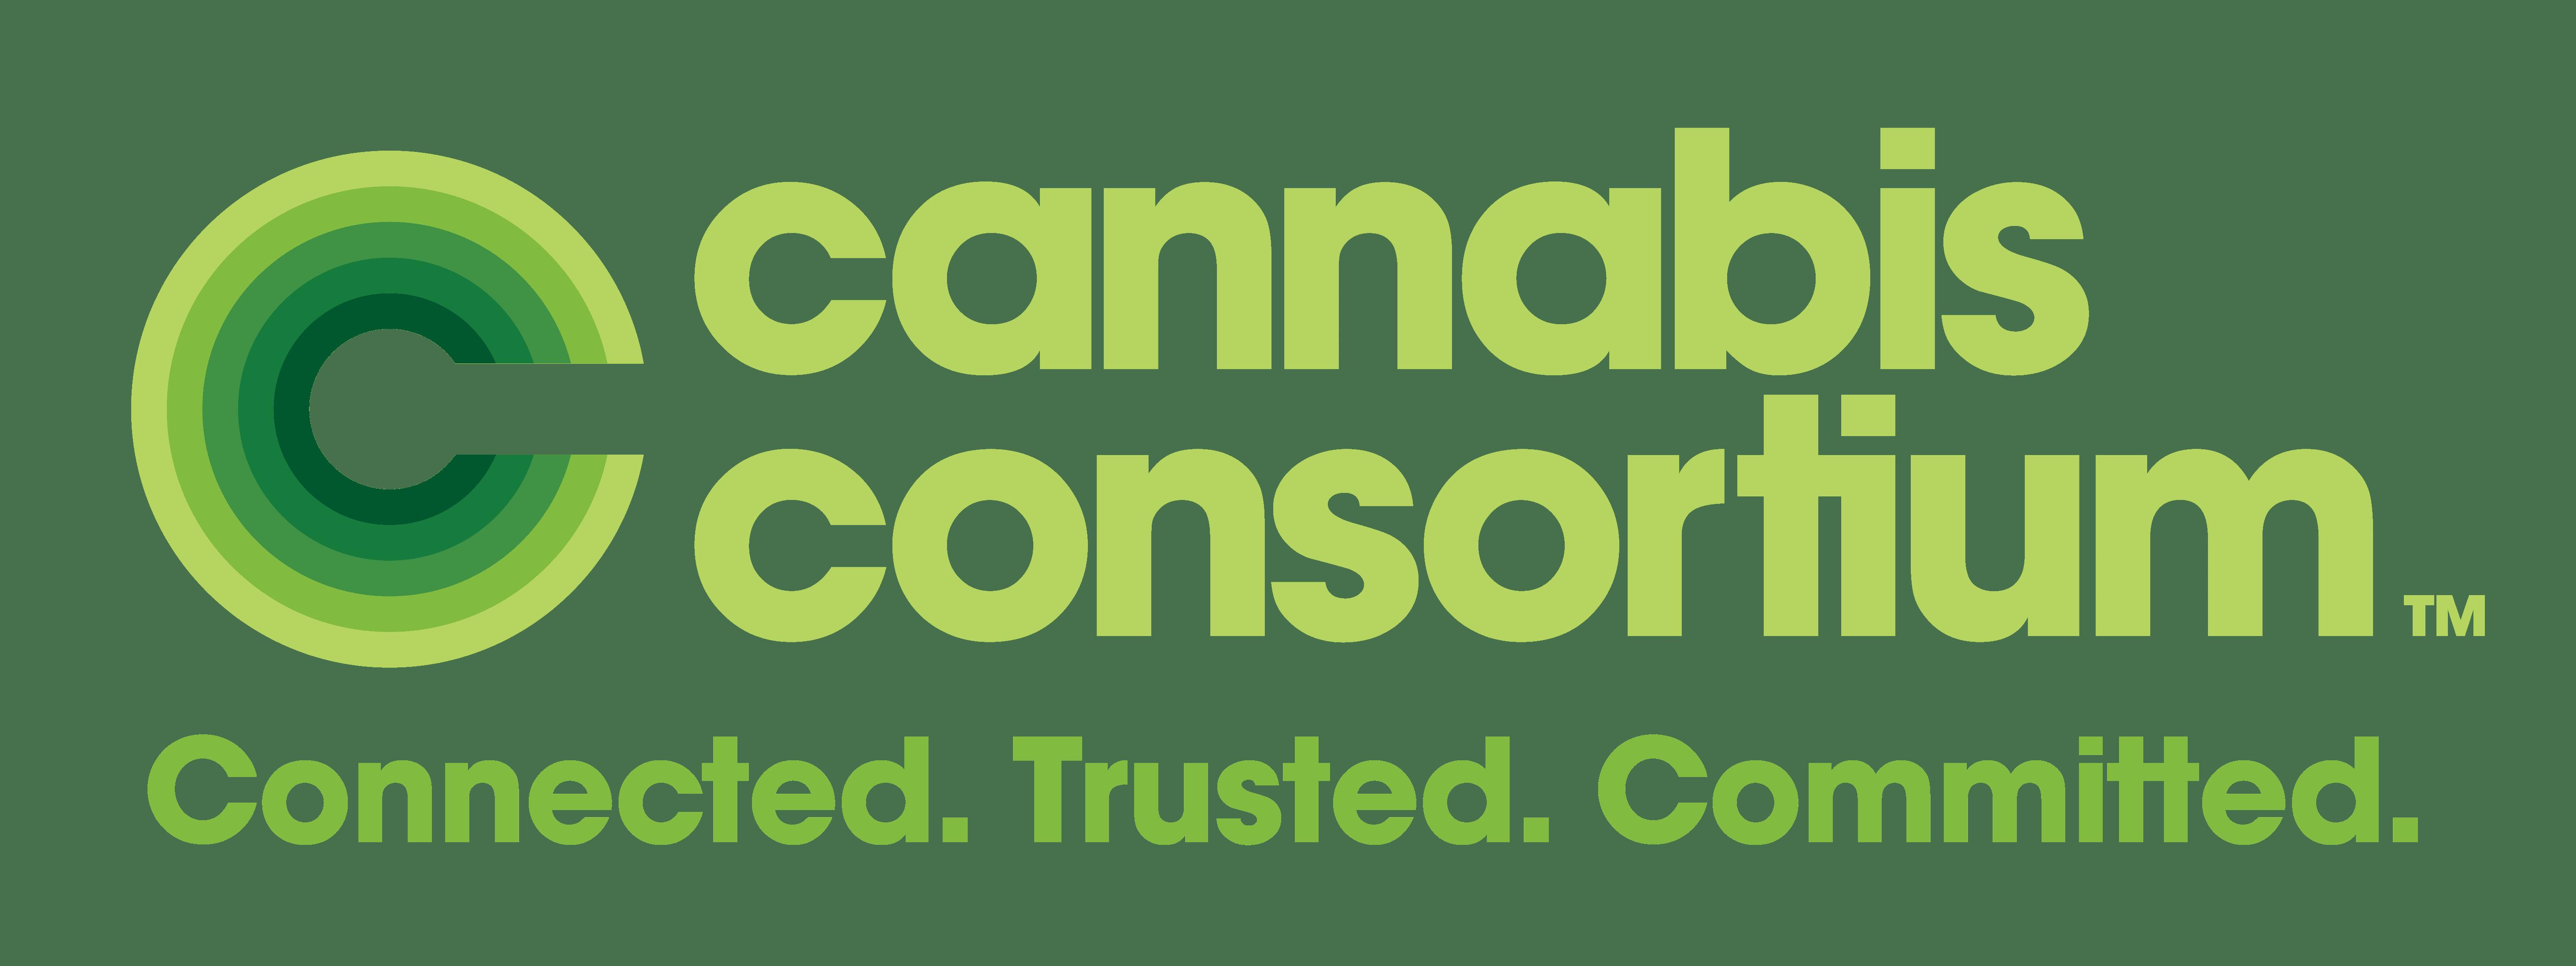 Cannabis Cosortium